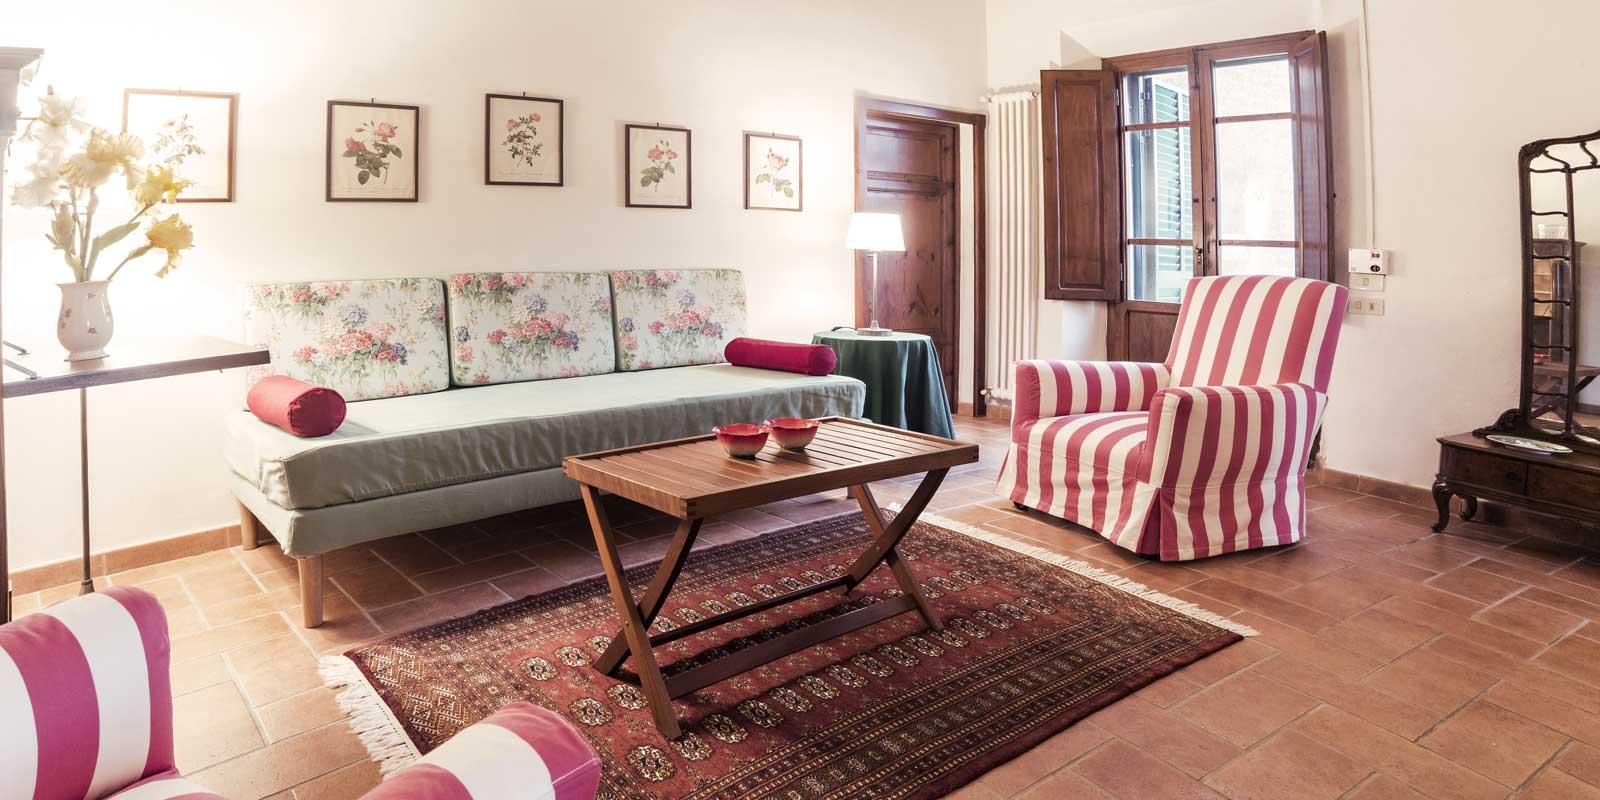 villa-santa-giulia-maremma-toscana-piombino-dimora-epoca-agriturismo-vacanze-soggiorno-prenotazione-parco-natura-verde-rose-giardino-33